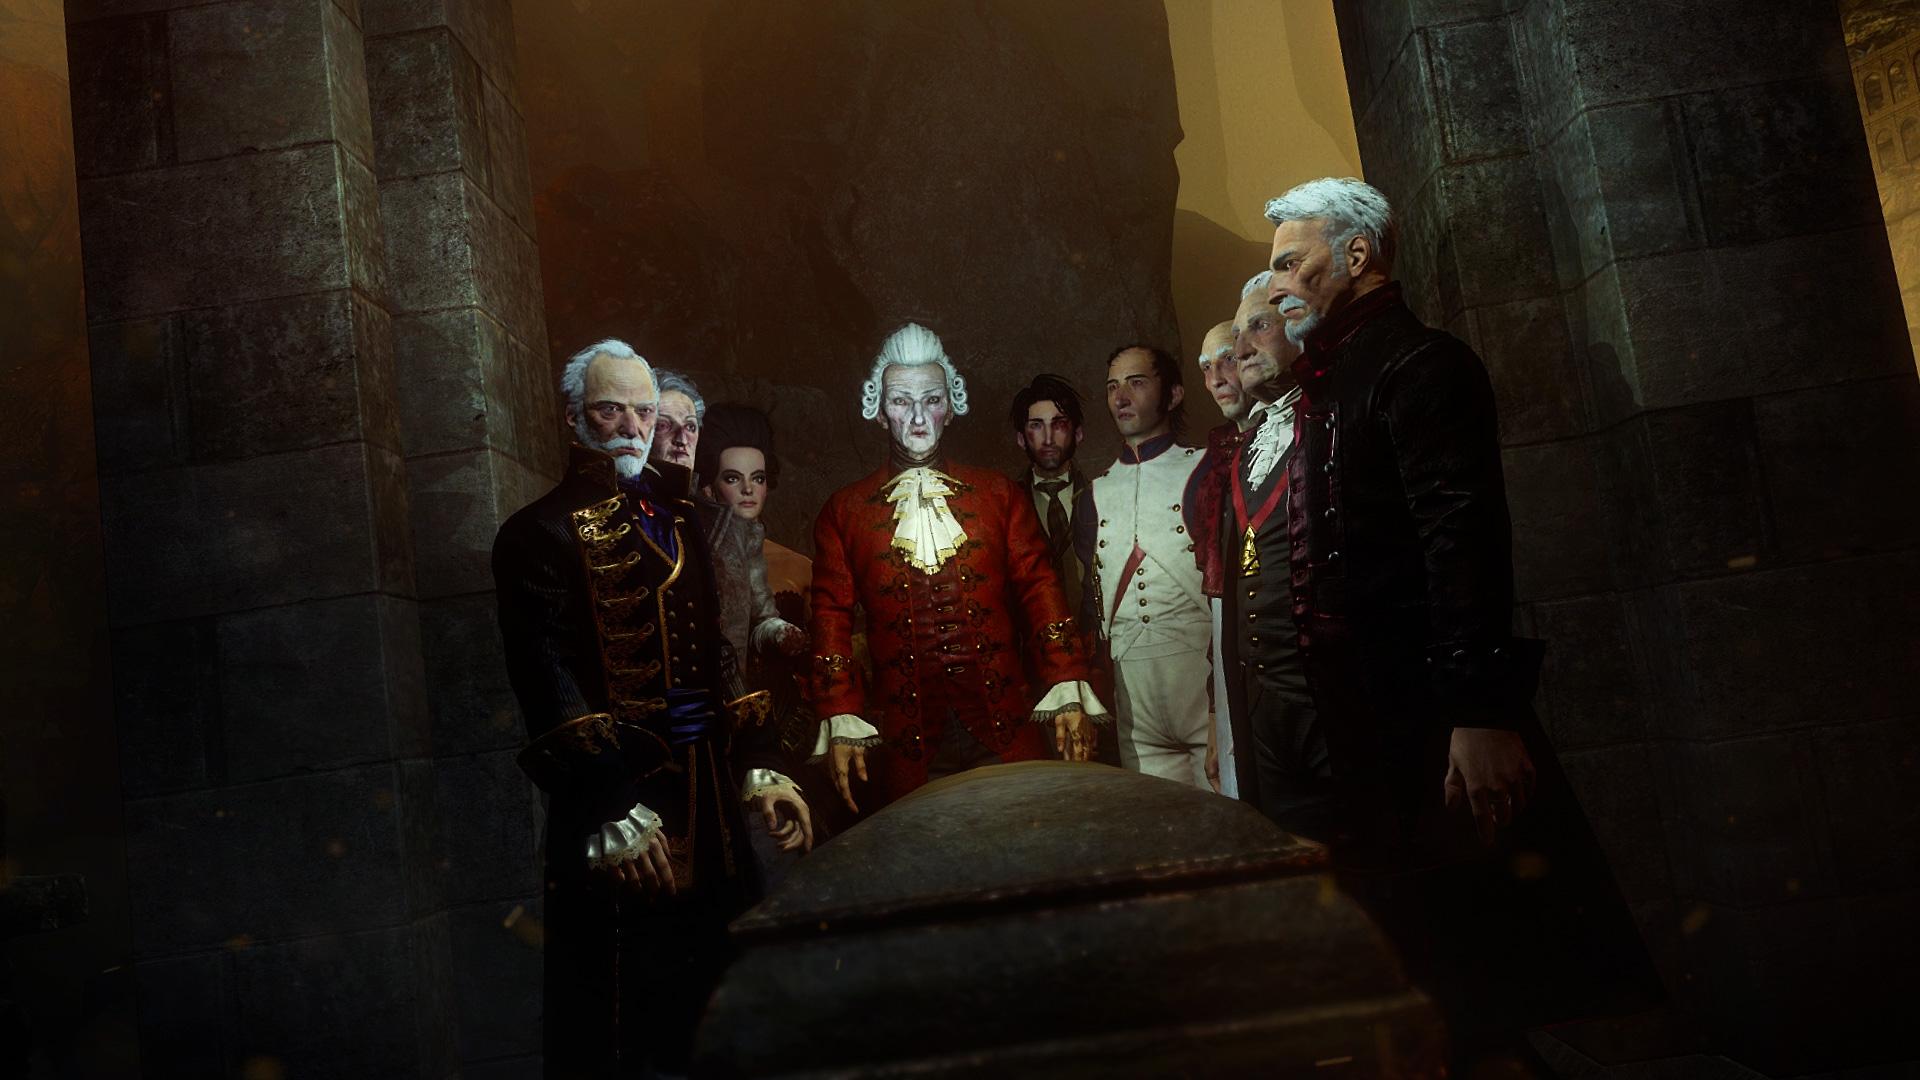 The Council Episode 5